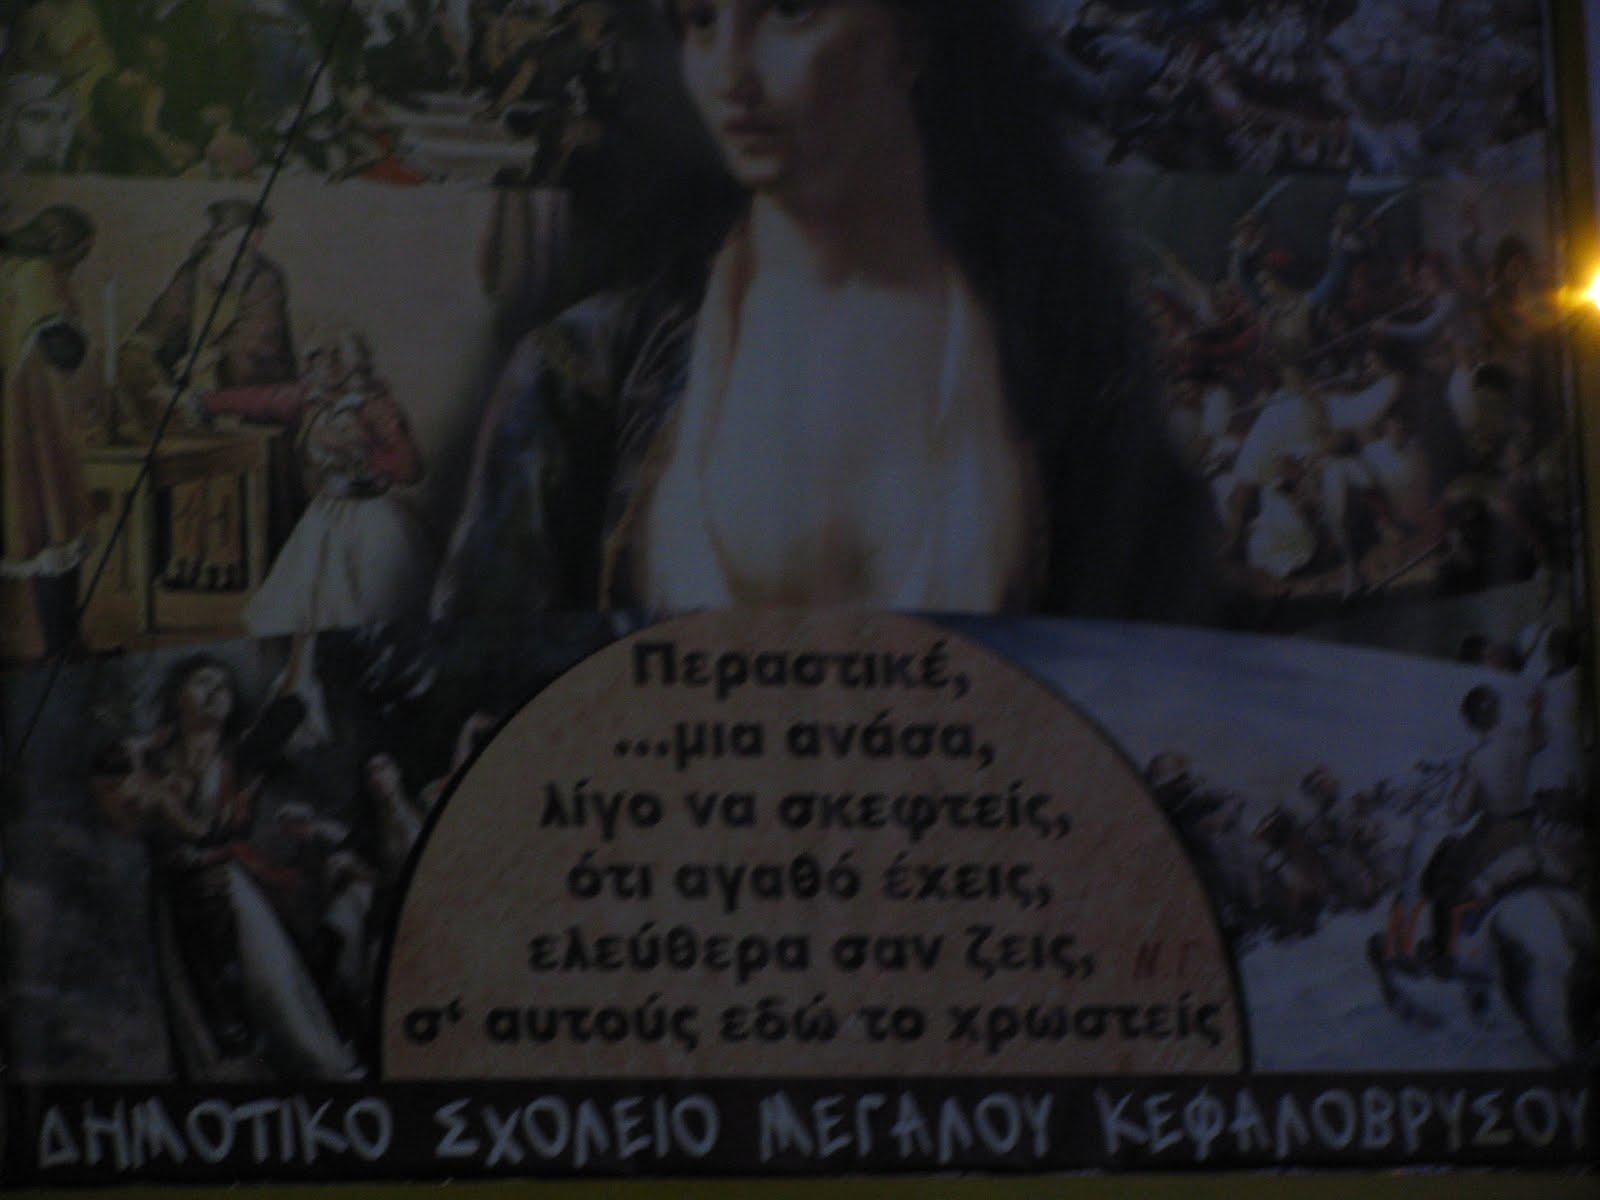 ΔΗΜΟΤΙΚΟ ΣΧΟΛΕΙΟ ΜΕΓ.ΚΕΦΑΛΟΒΡΥΣΟΥ